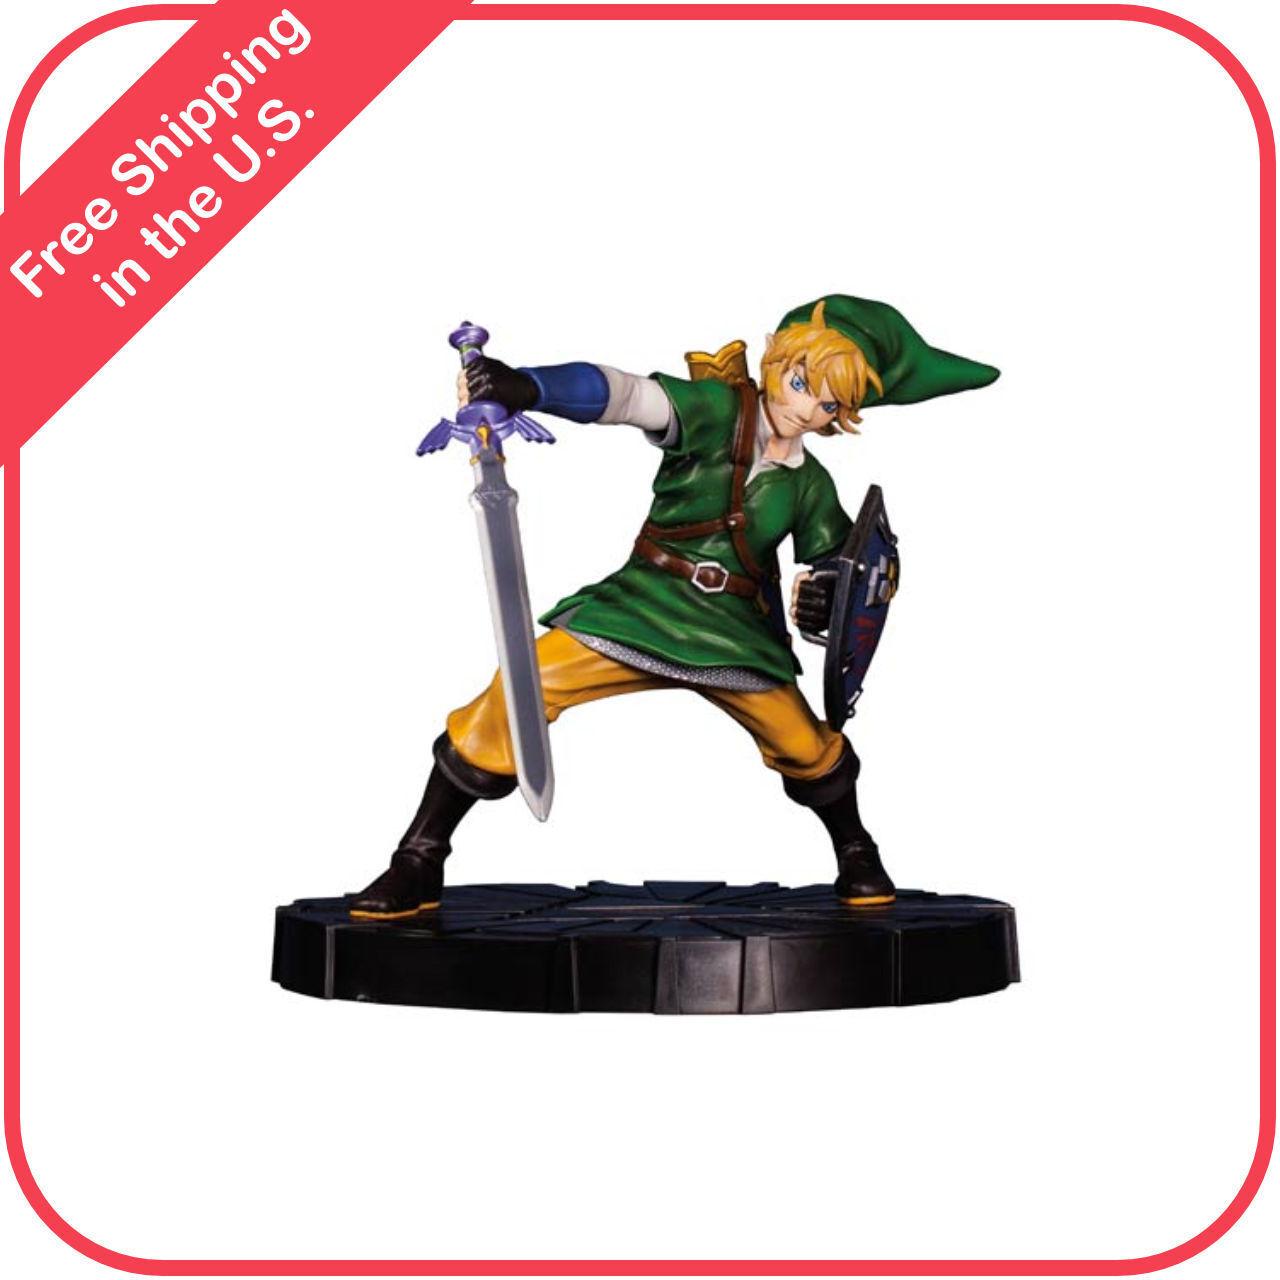 The Legend of Zelda Skyward Sword Link 10  Statue Figure by Dark Horse